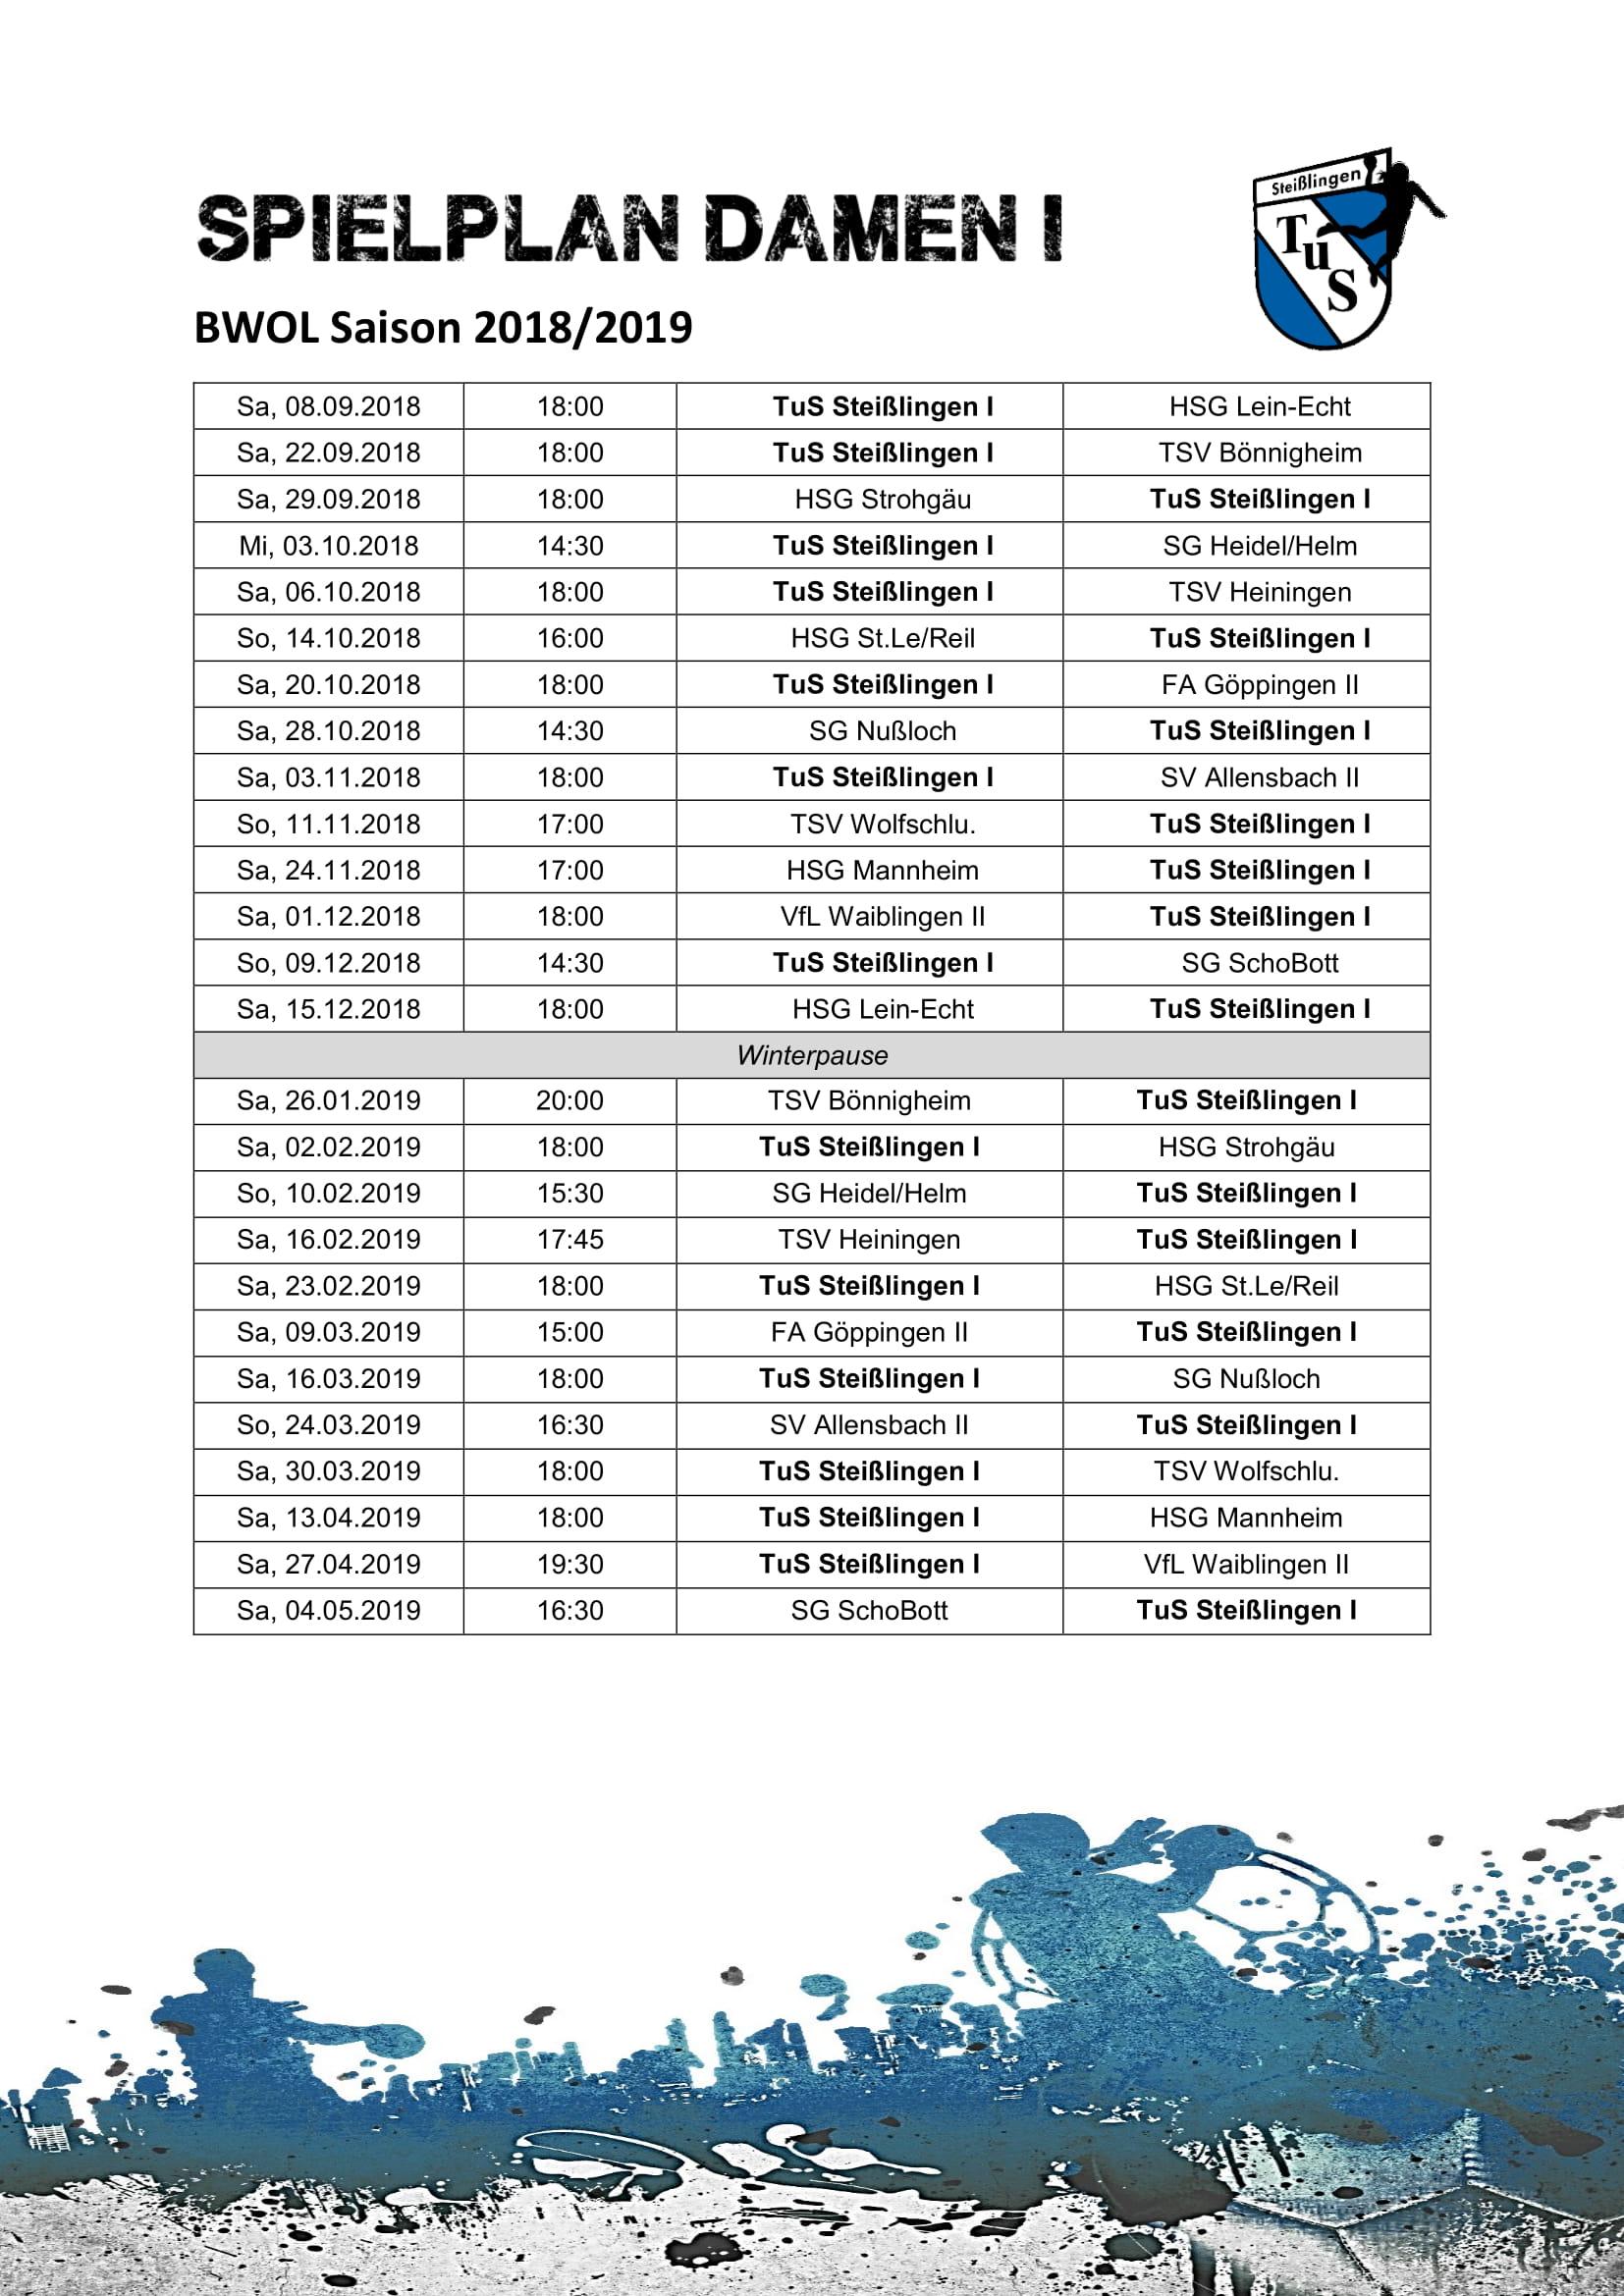 BWOL Saison 2018 - Damen-1